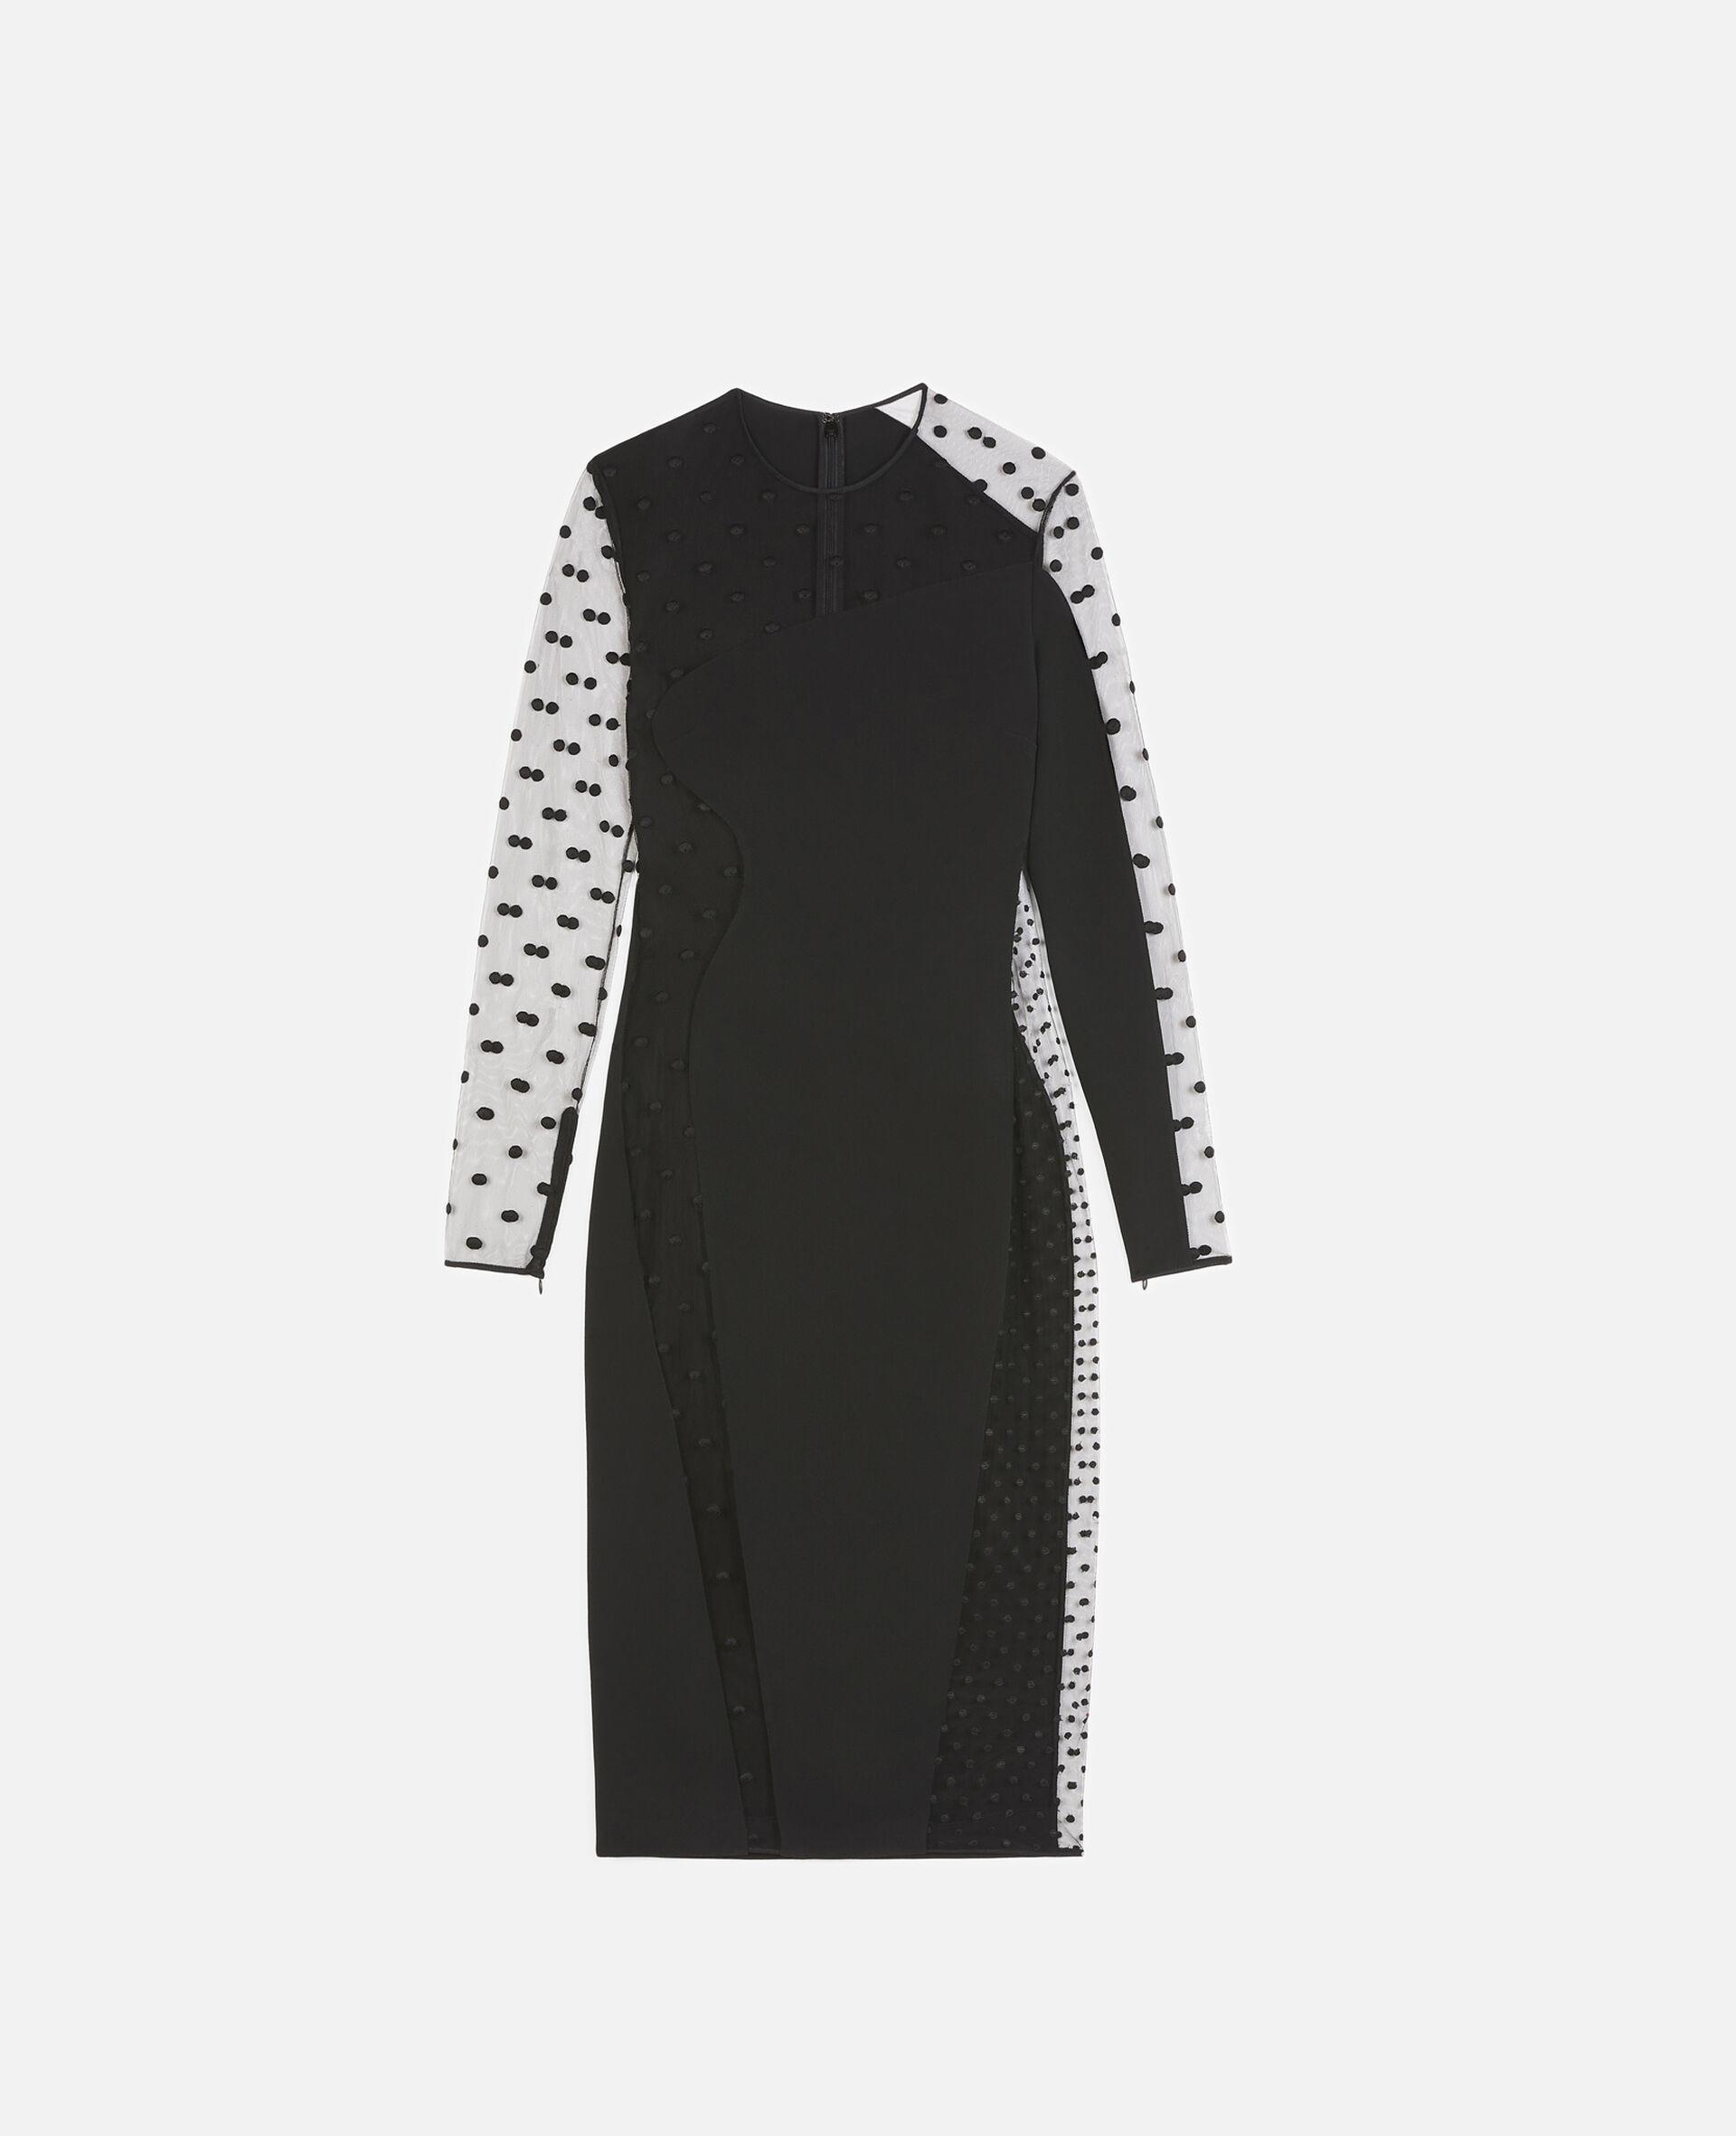 アリエル イブニング ドレス-ブラック-large image number 0